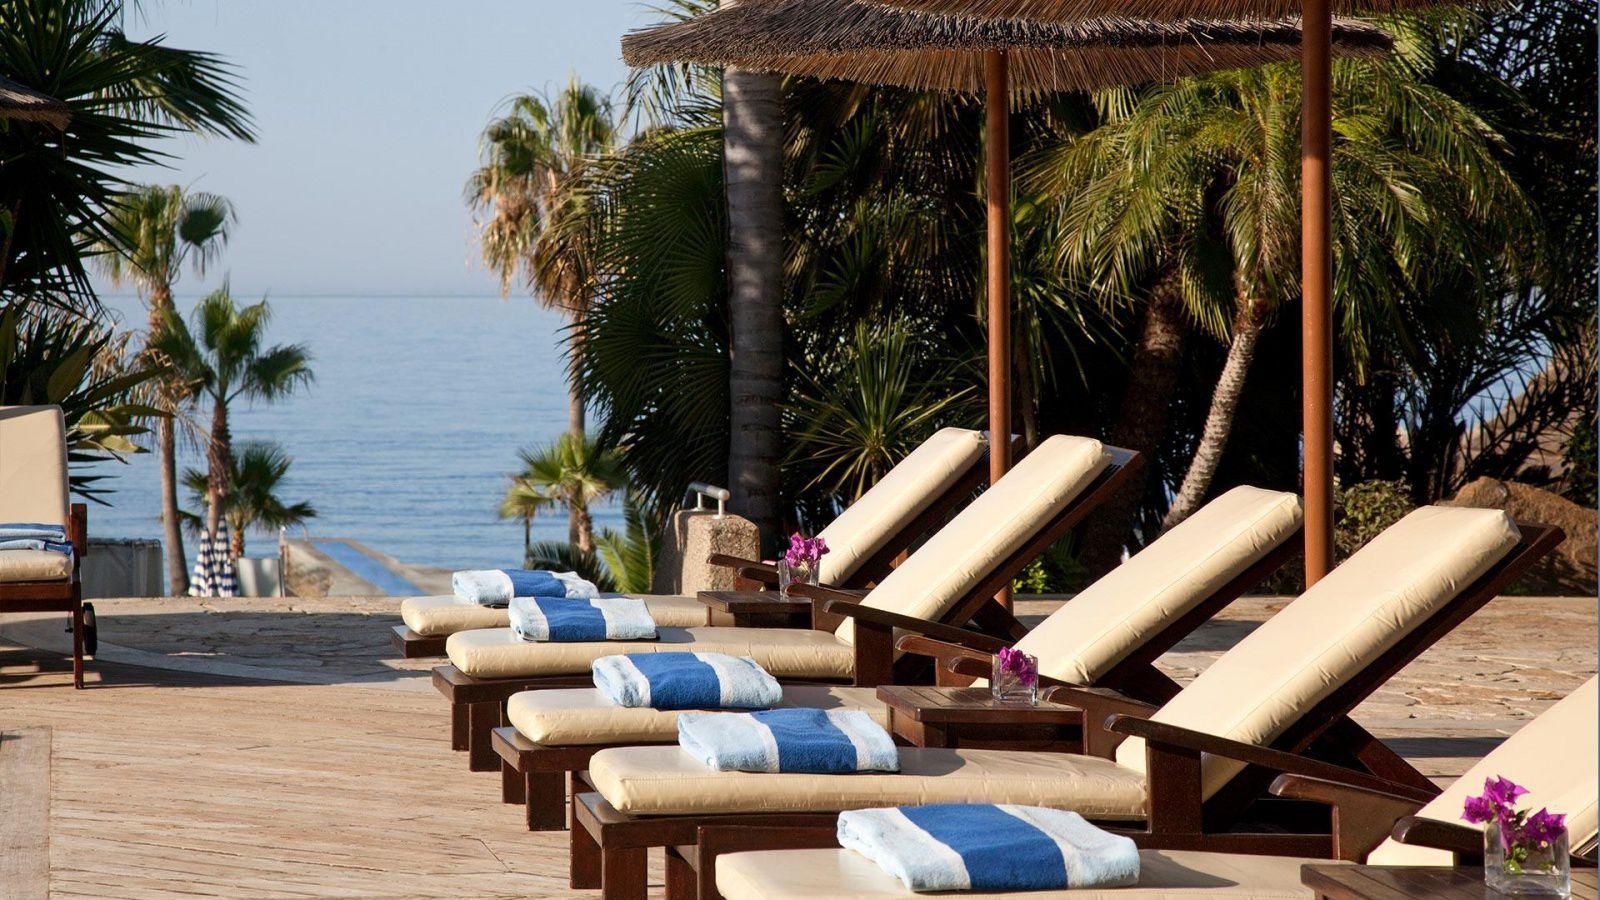 amathus-beach-hotel-5